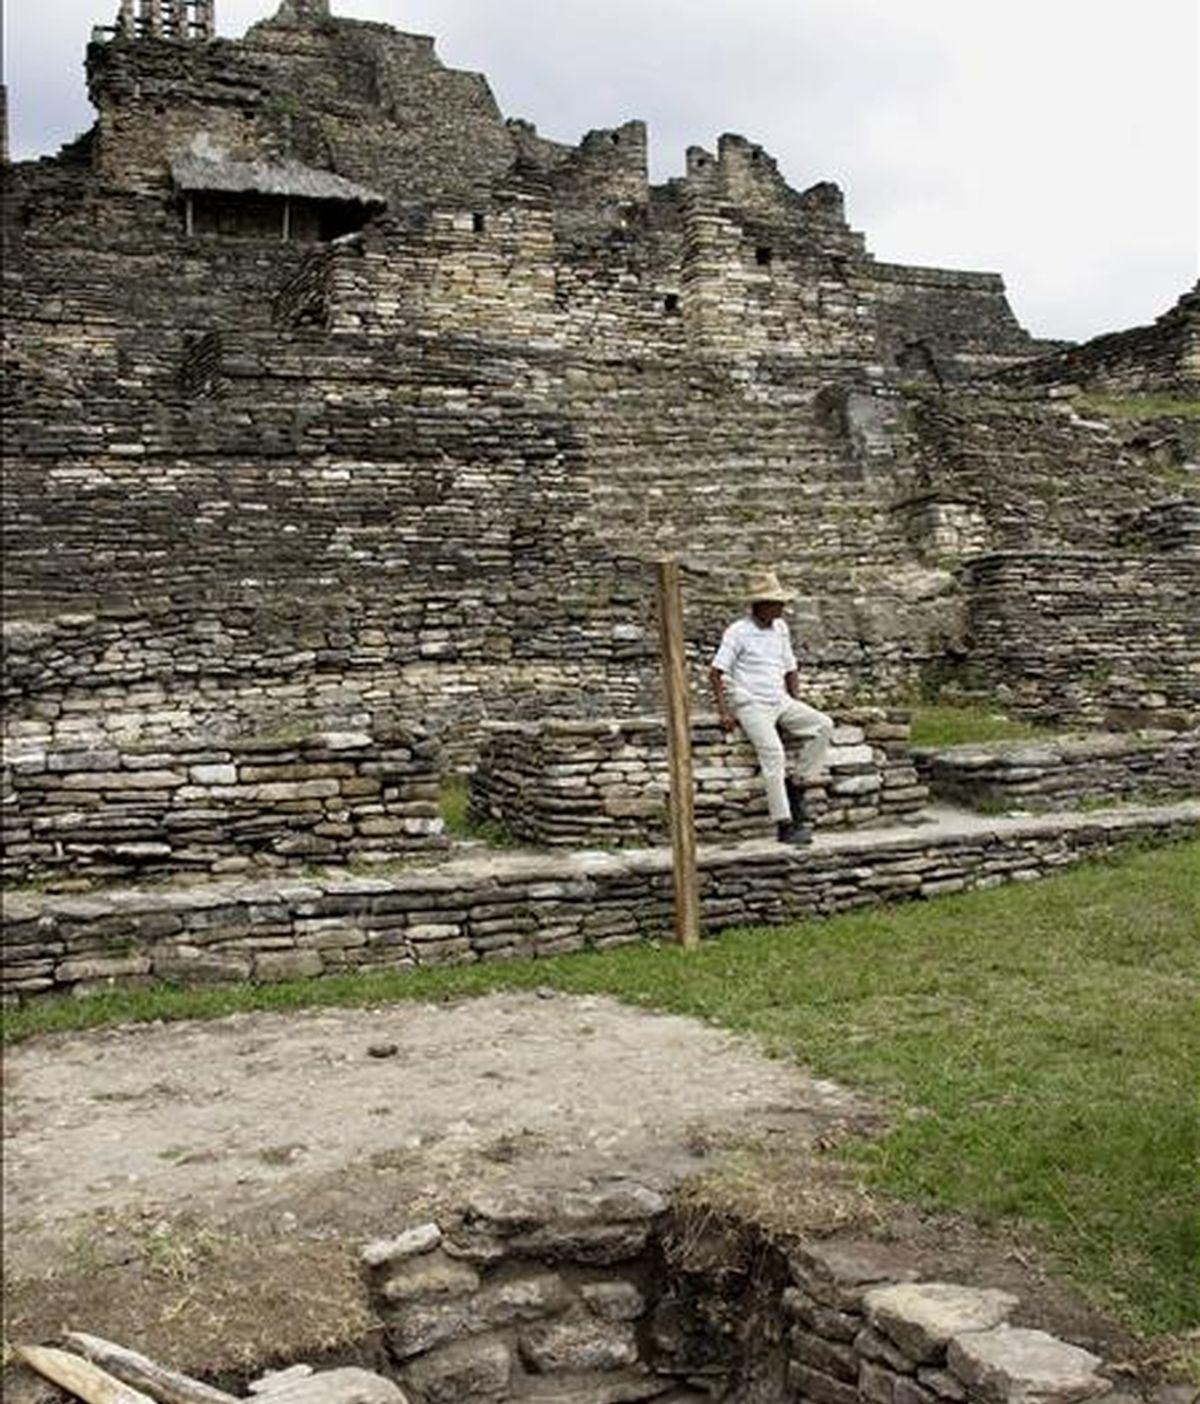 Vista de la zona arqueológica de Toniná, perteneciente a la cultura Maya, en el sureño estado mexicano de Chiapas. EFE/Archivo